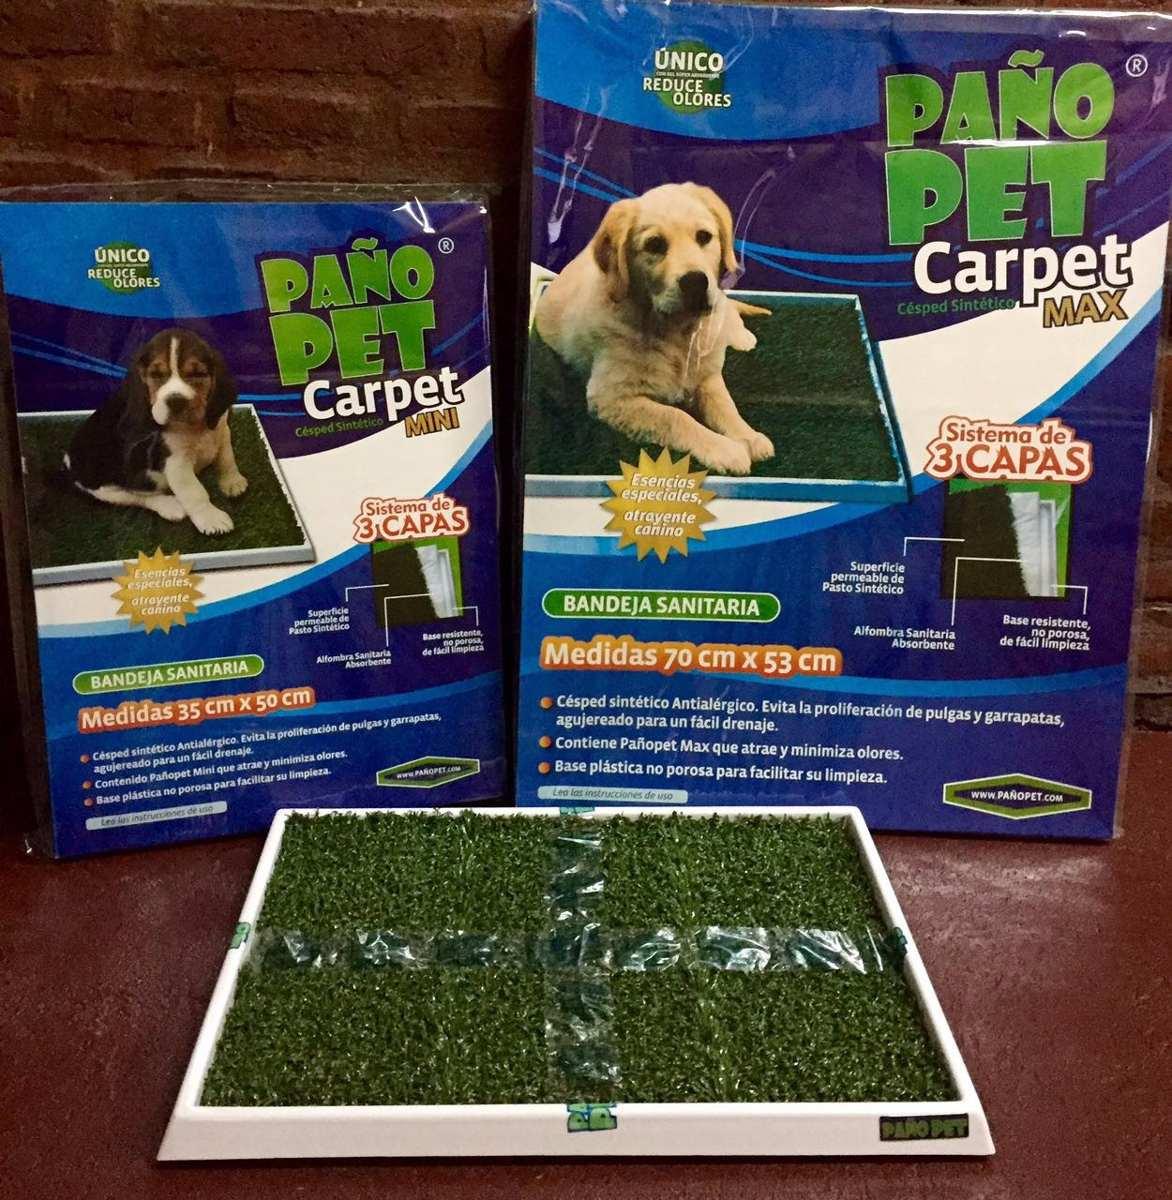 carpet max paño pet 50x70 cm (amplio stock)